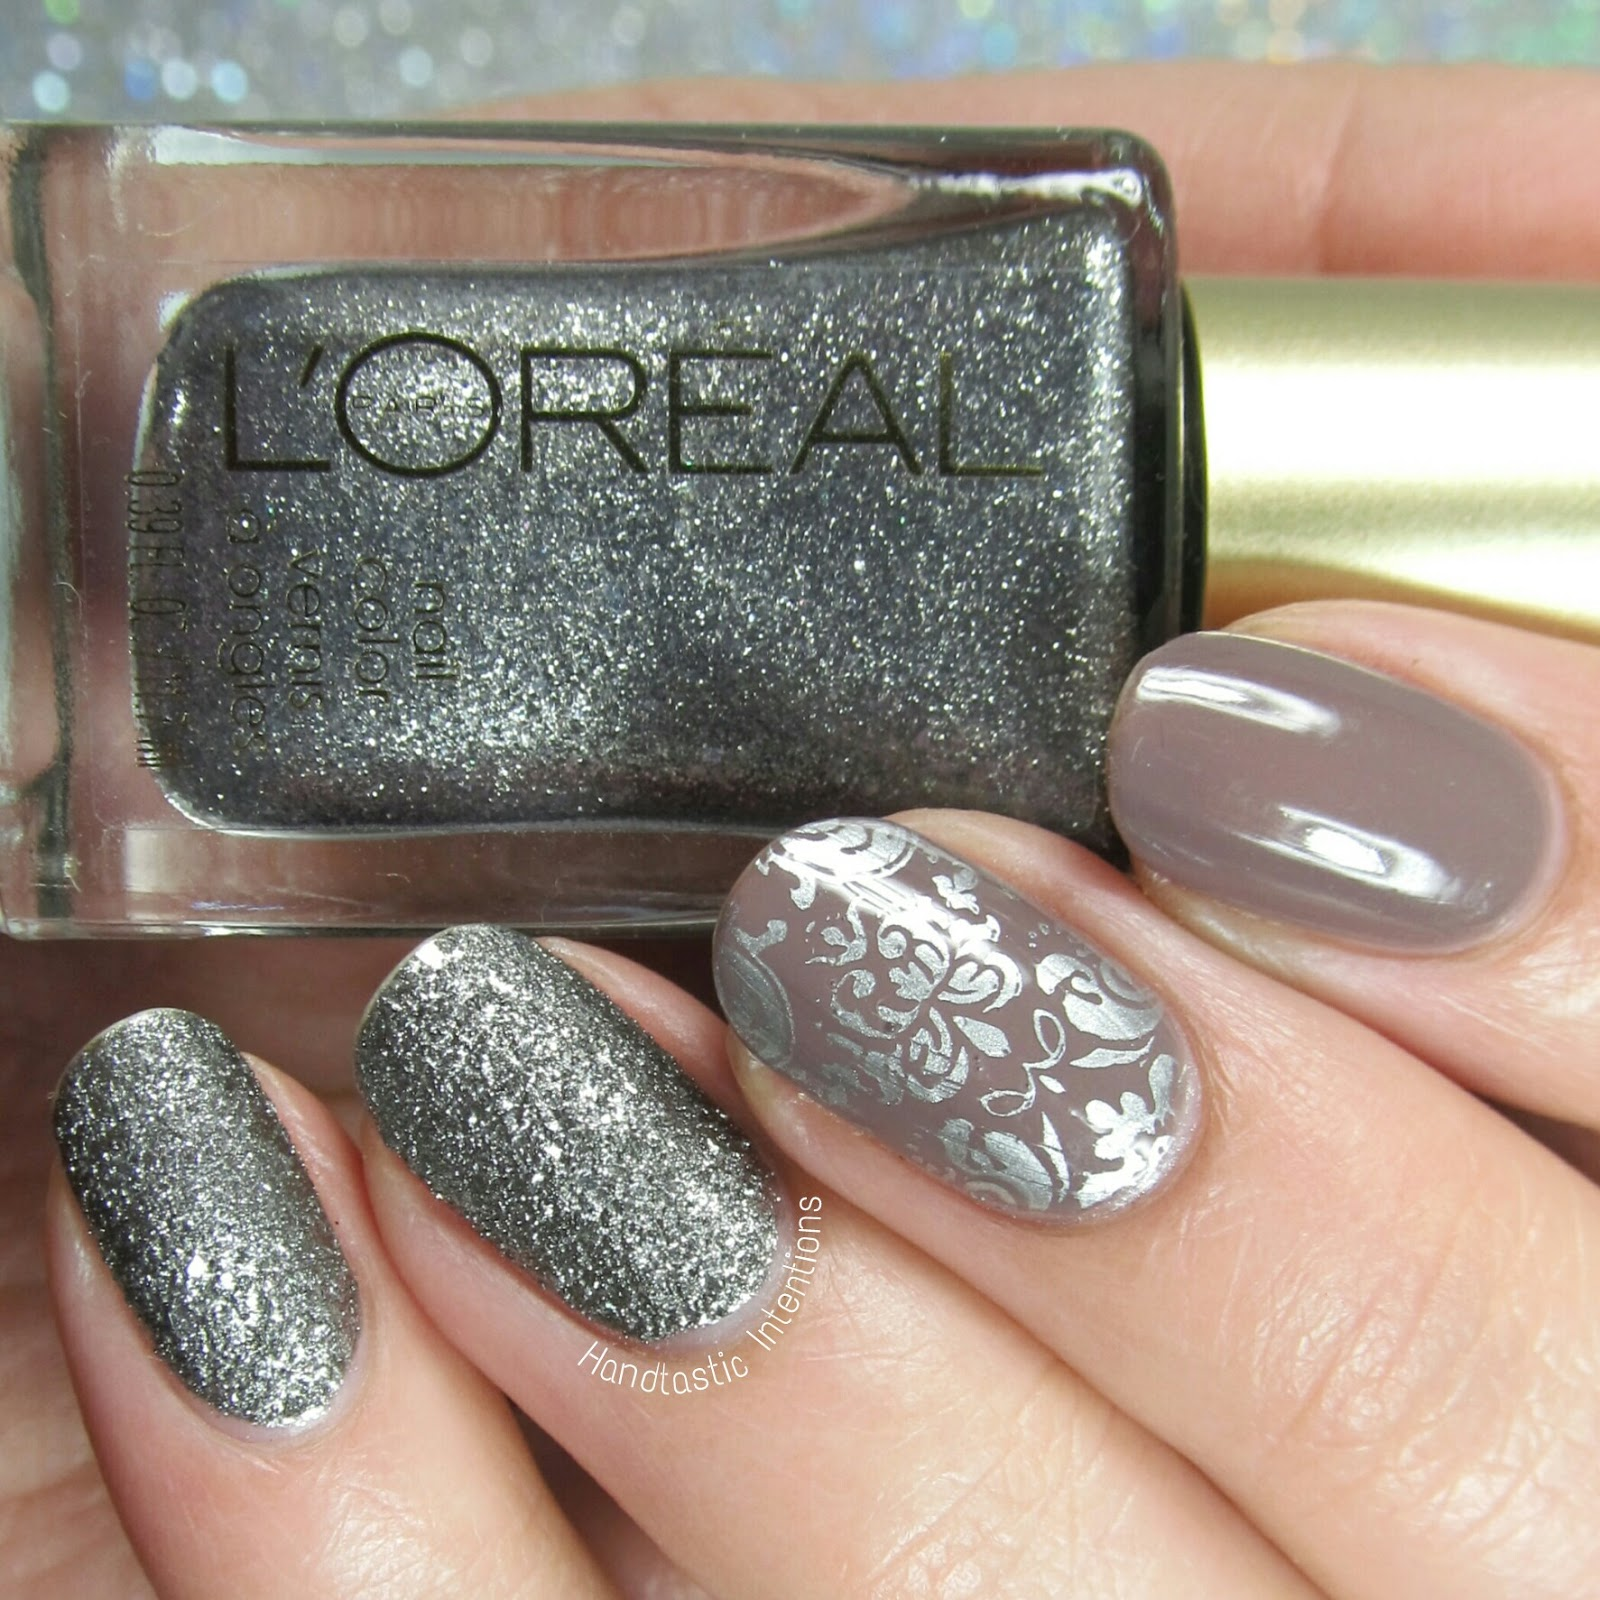 Handtastic Intentions Shades Of Grey Nail Art